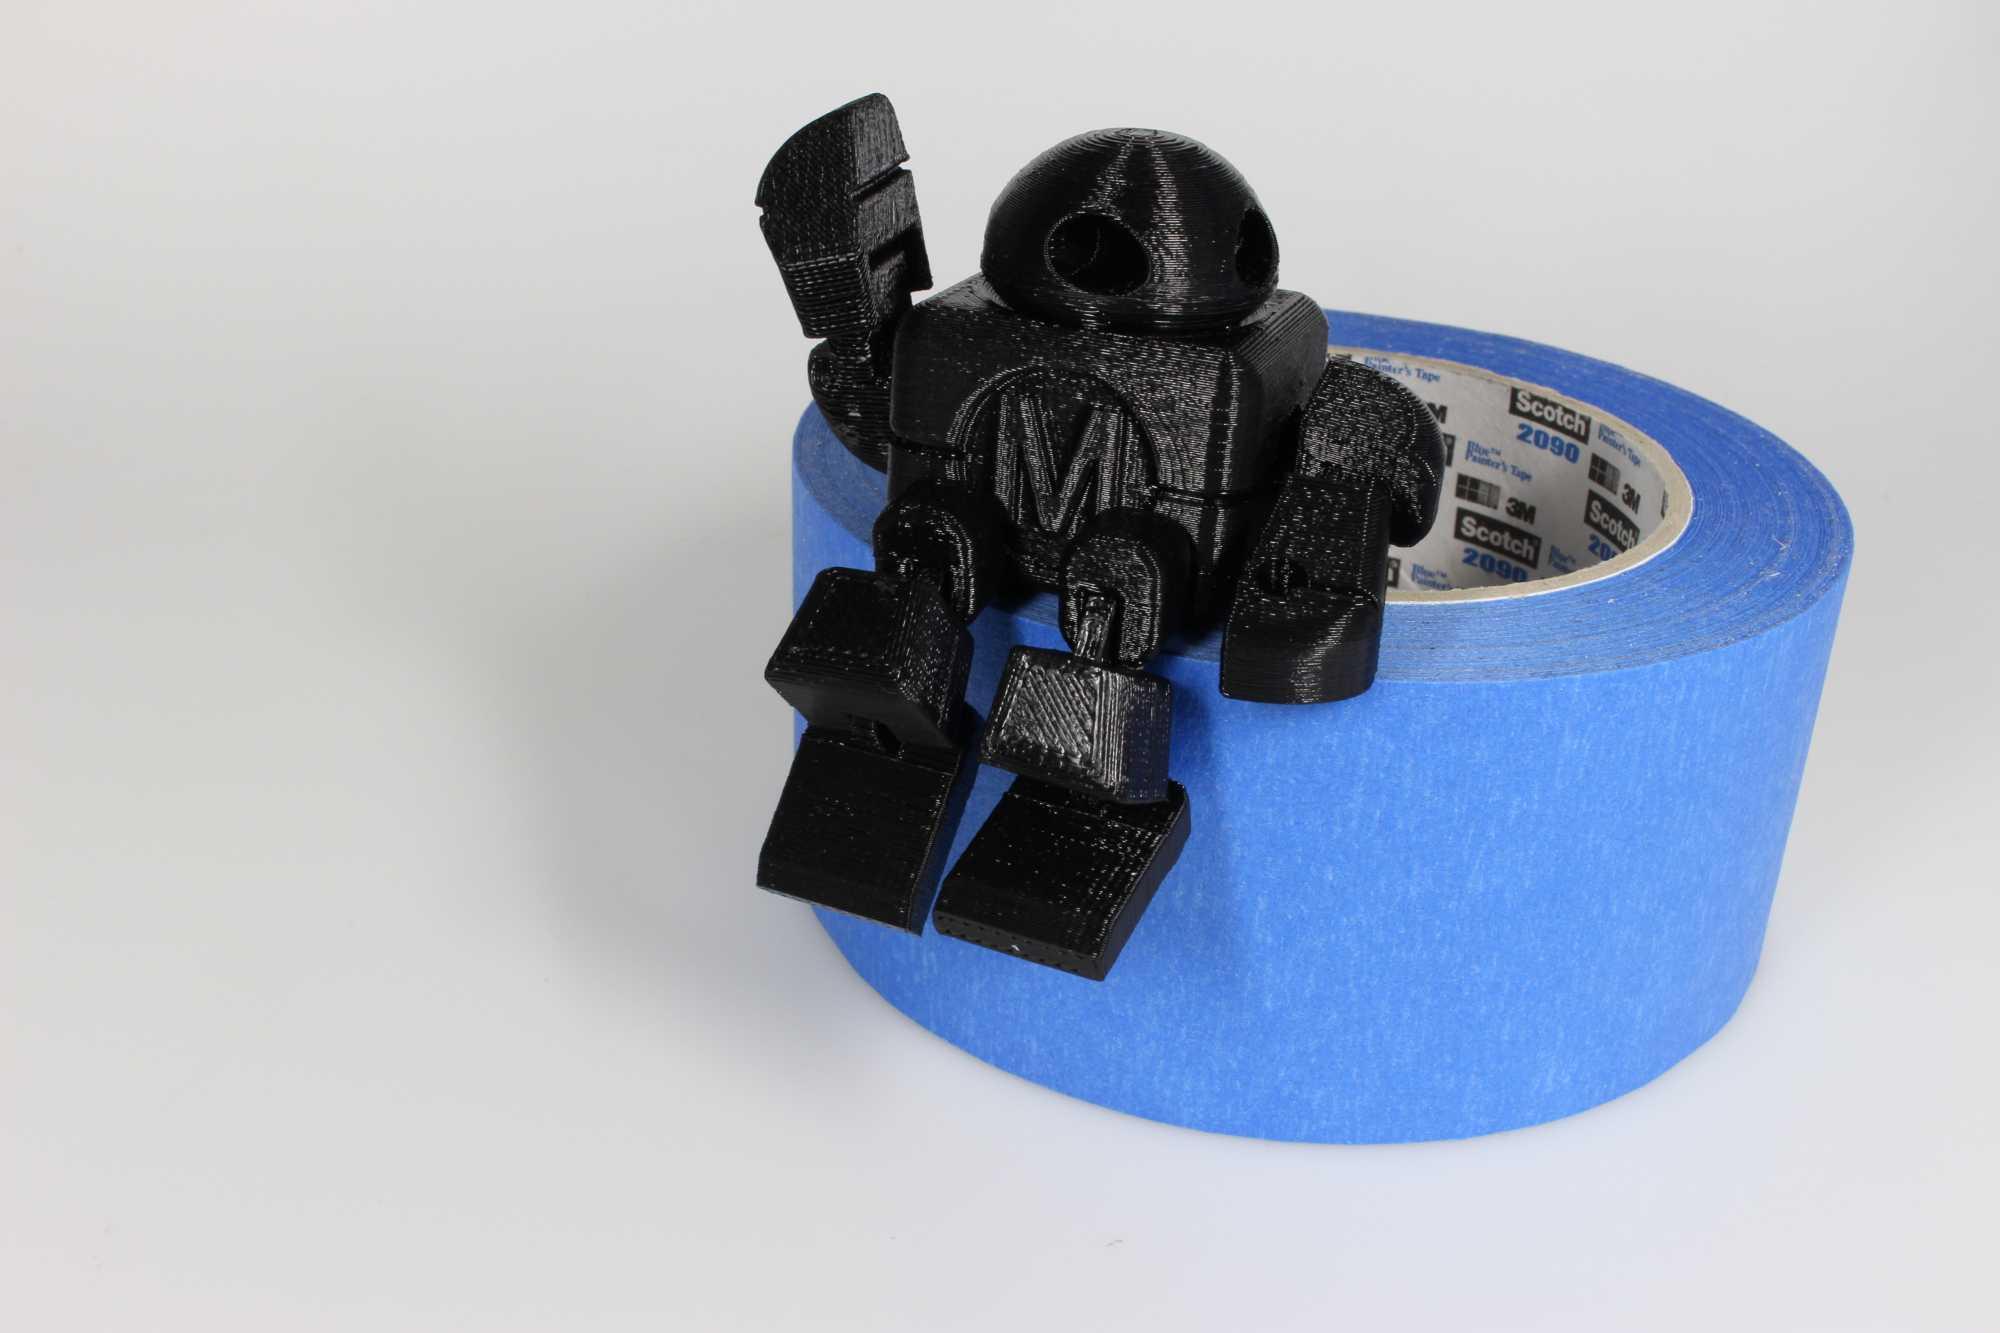 Ein schwarzer Roboter sitzt auf einer Rolle schwarzen Klebebands.